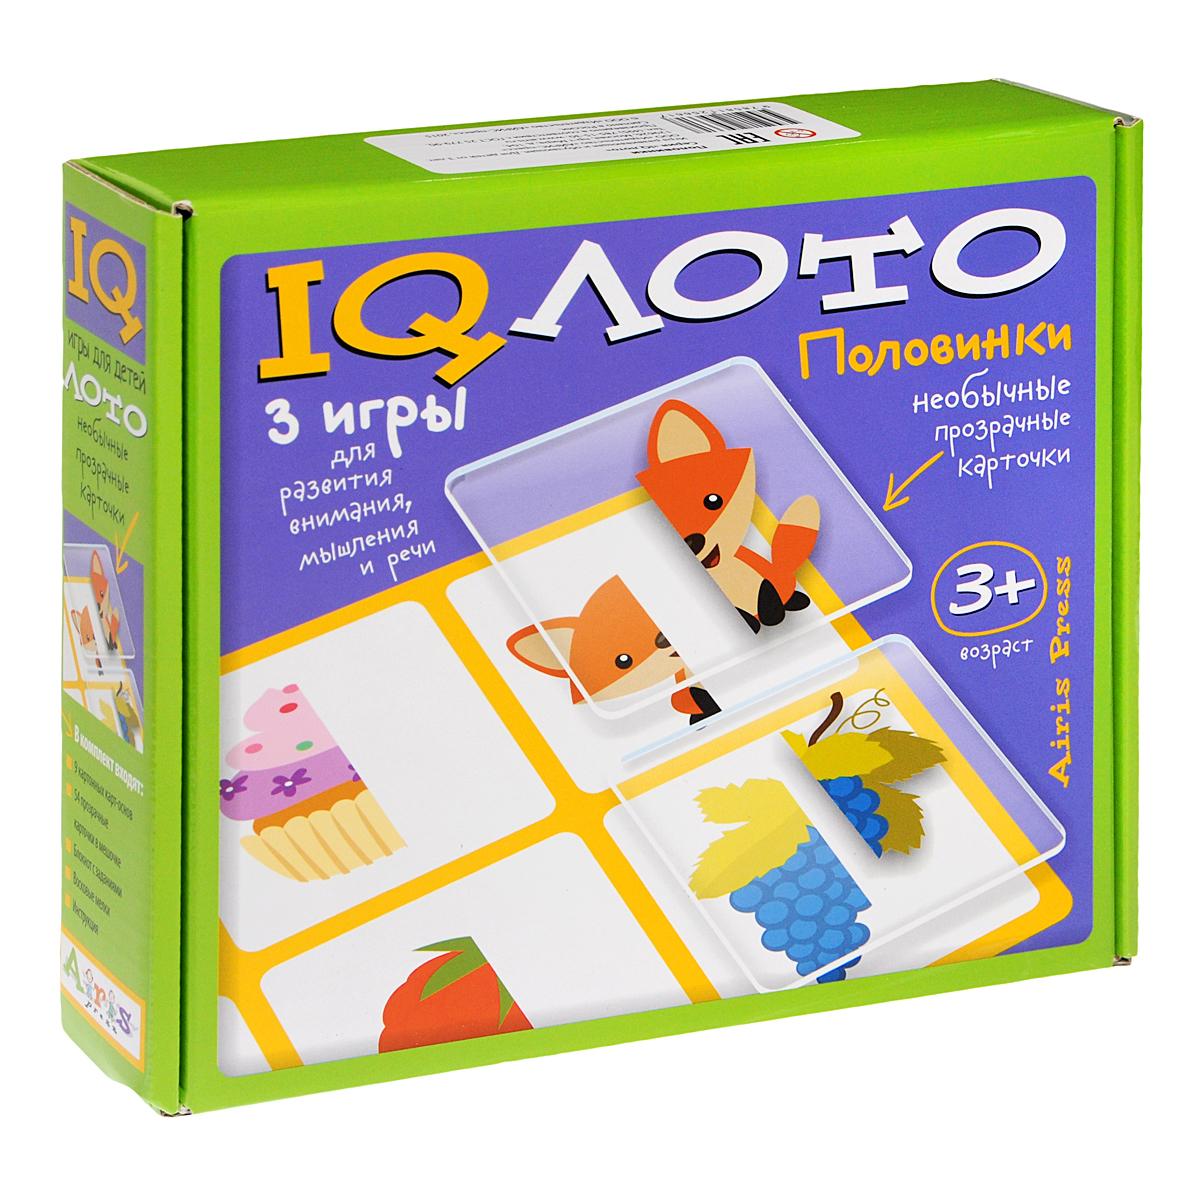 Айрис-пресс Обучающая игра IQ Лото Половинки 3 в 1978-5-8112-5661-7Набор настольных игр IQ Лото. Половинки включает лото Половинки. Форма, игру Я - самый внимательный!, а также блокнот Дорисуй картинку. В комплекте подробные правила для игр на русском языке. Комплект лото Половинки. Форма содержит 9 картонных карт-основ, 54 пластиковых карточки и текстильный мешочек. Лото предназначено для компании от 2 до 9 игроков. Для игры Я - самый внимательный! используются 9 картонных карт лото. Игра предназначена для 2-3 игроков. К блокноту прилагаются цветные карандаши 6 цветов. В дошкольном возрасте малыш получает знания и умения через собственные действия, поэтому играть - это и значит развиваться и обучаться. Перед вами необычные игры, развивающие сенсорику, внимание, мышление, воображение и речь. Играя в IQ Лото, ваш ребенок научится сопоставлять часть и целое, узнавать предмет по деталям, видеть симметрию и асимметрию, сравнивать и систематизировать. В игре Я - самый внимательный! он сможет потренировать...